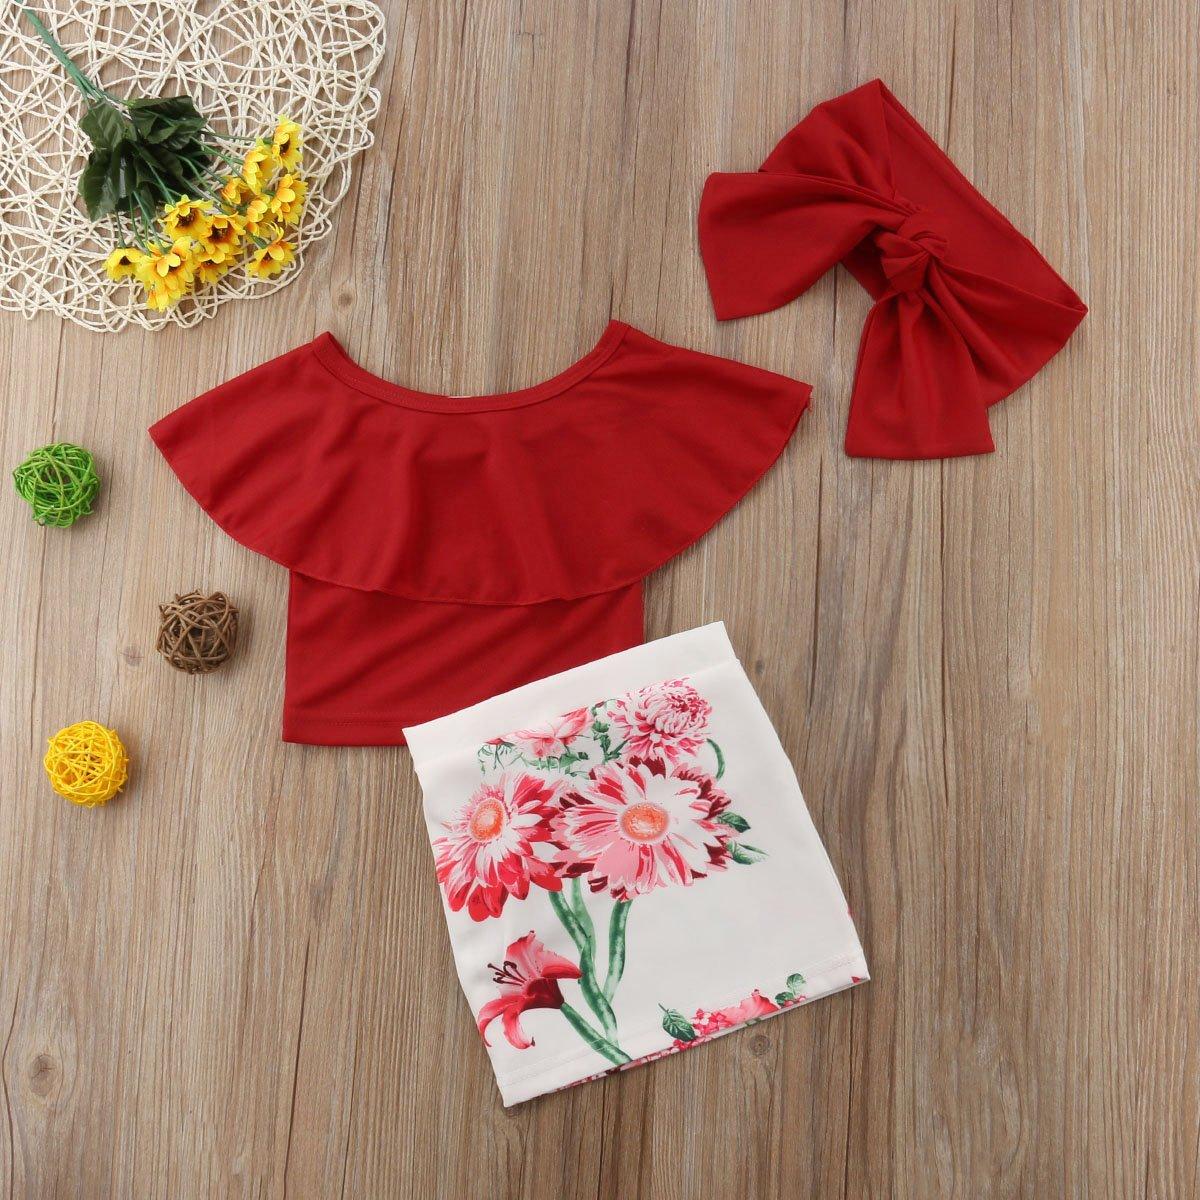 3tlg Outfit Baby M/ädchen Schulterfrei Lotusblatt Kragen Kurze Tops Blumen Rock Taschenrock mit Stirnband